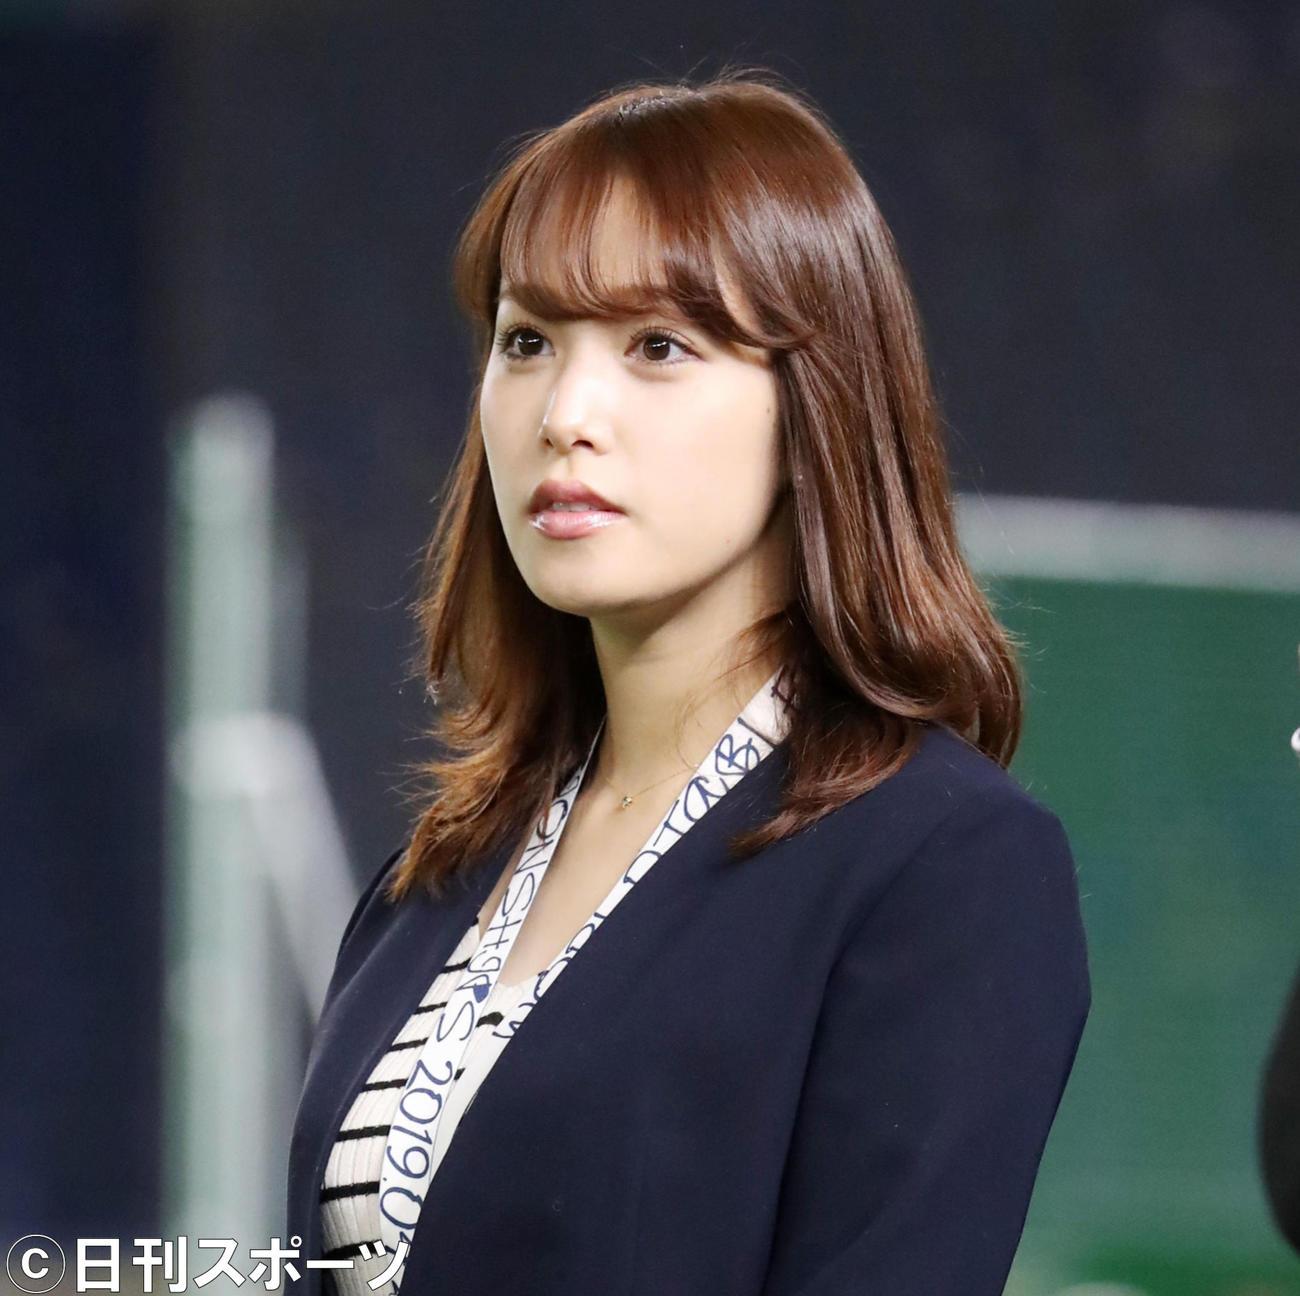 鷲見玲奈アナウンサー(2019年4月3日撮影)